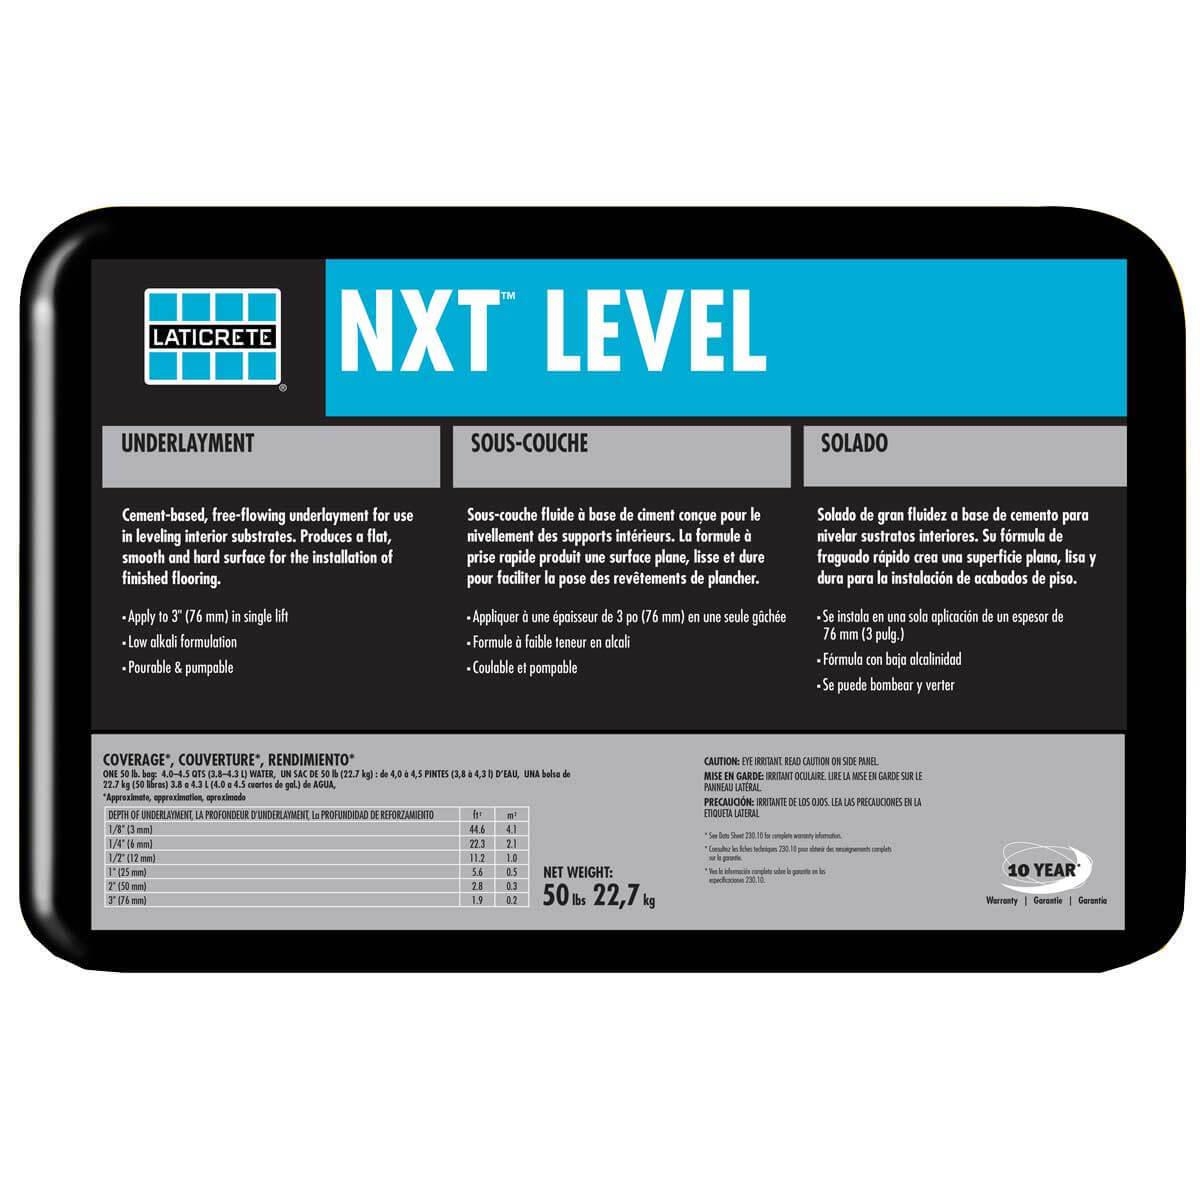 Laticrete NXT Level Underlayment 0900-0050-21